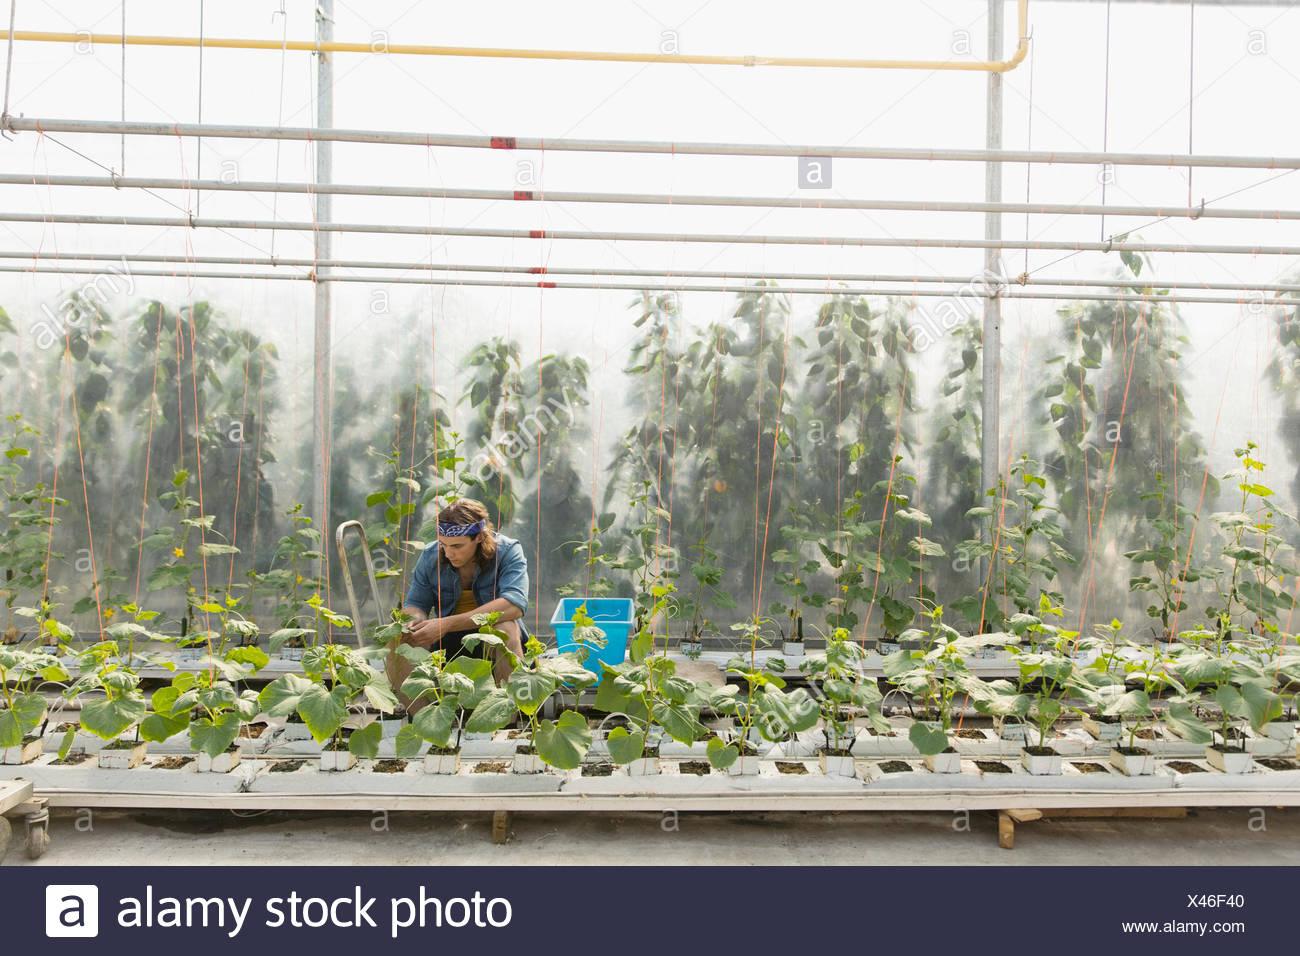 Mann Beschneidung Gemuse Pflanzen Im Gewachshaus Stockfoto Bild